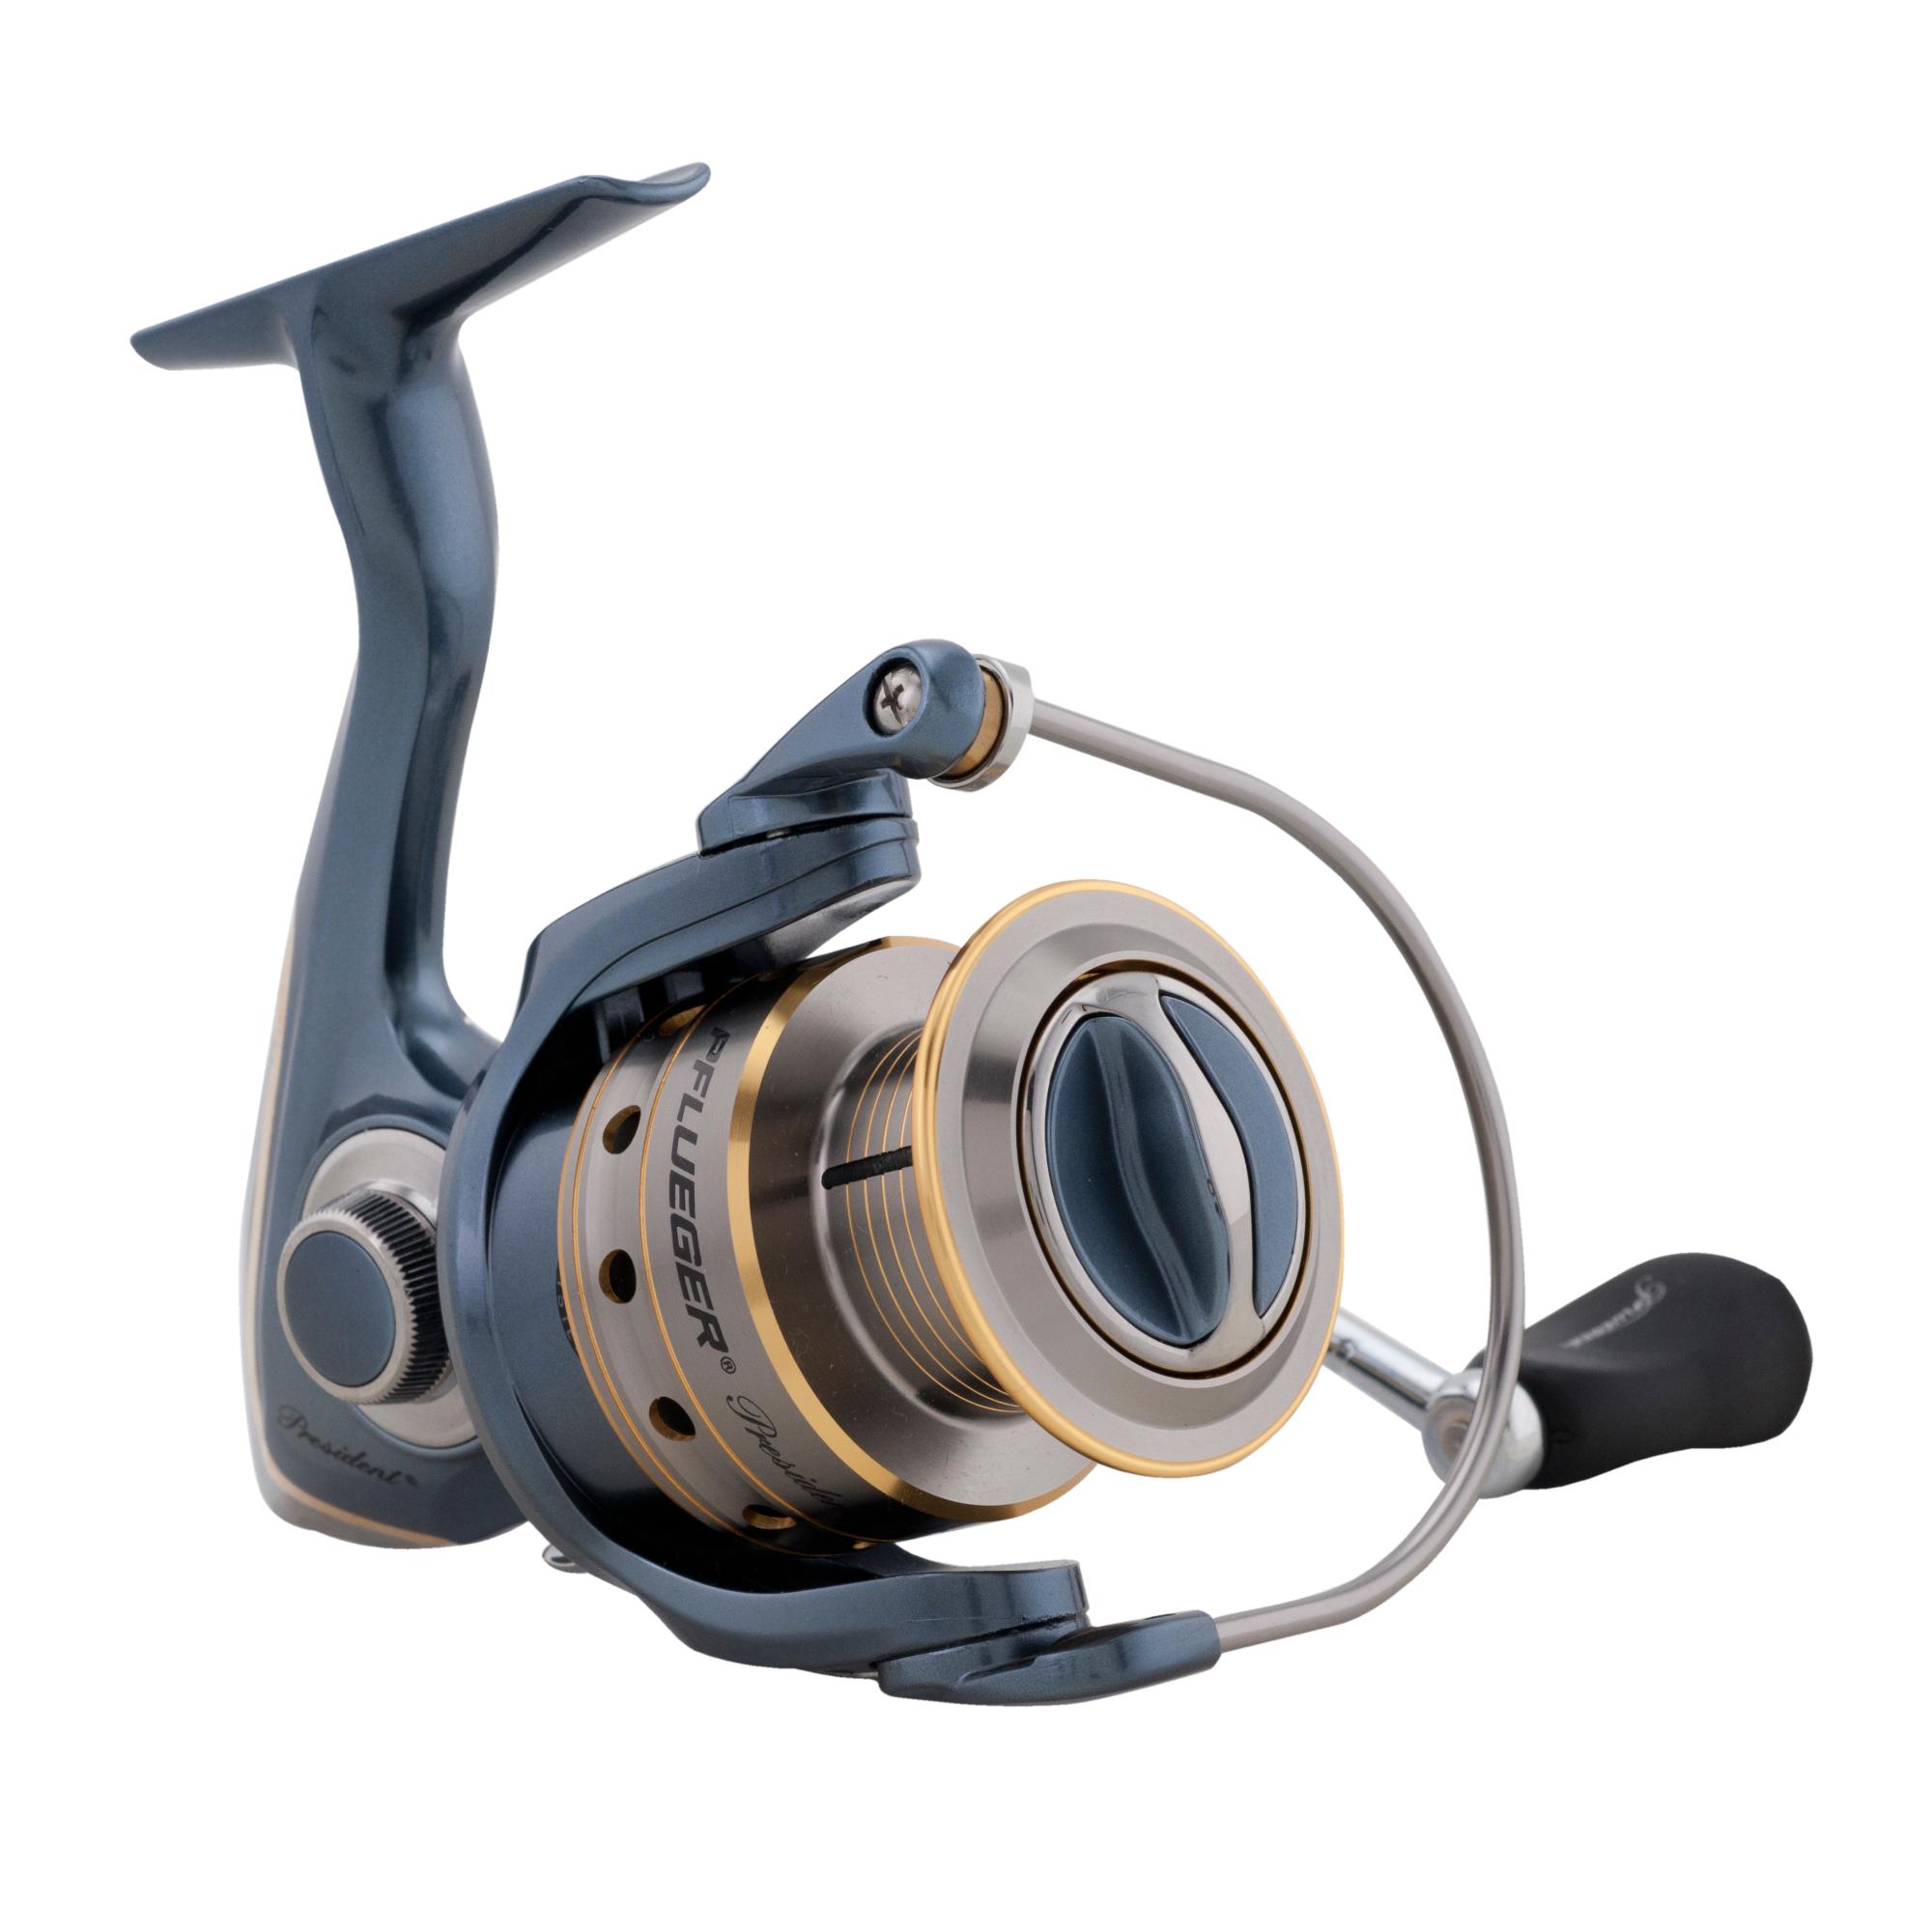 Pflueger president spinning reel ebay for Pflueger fishing reels